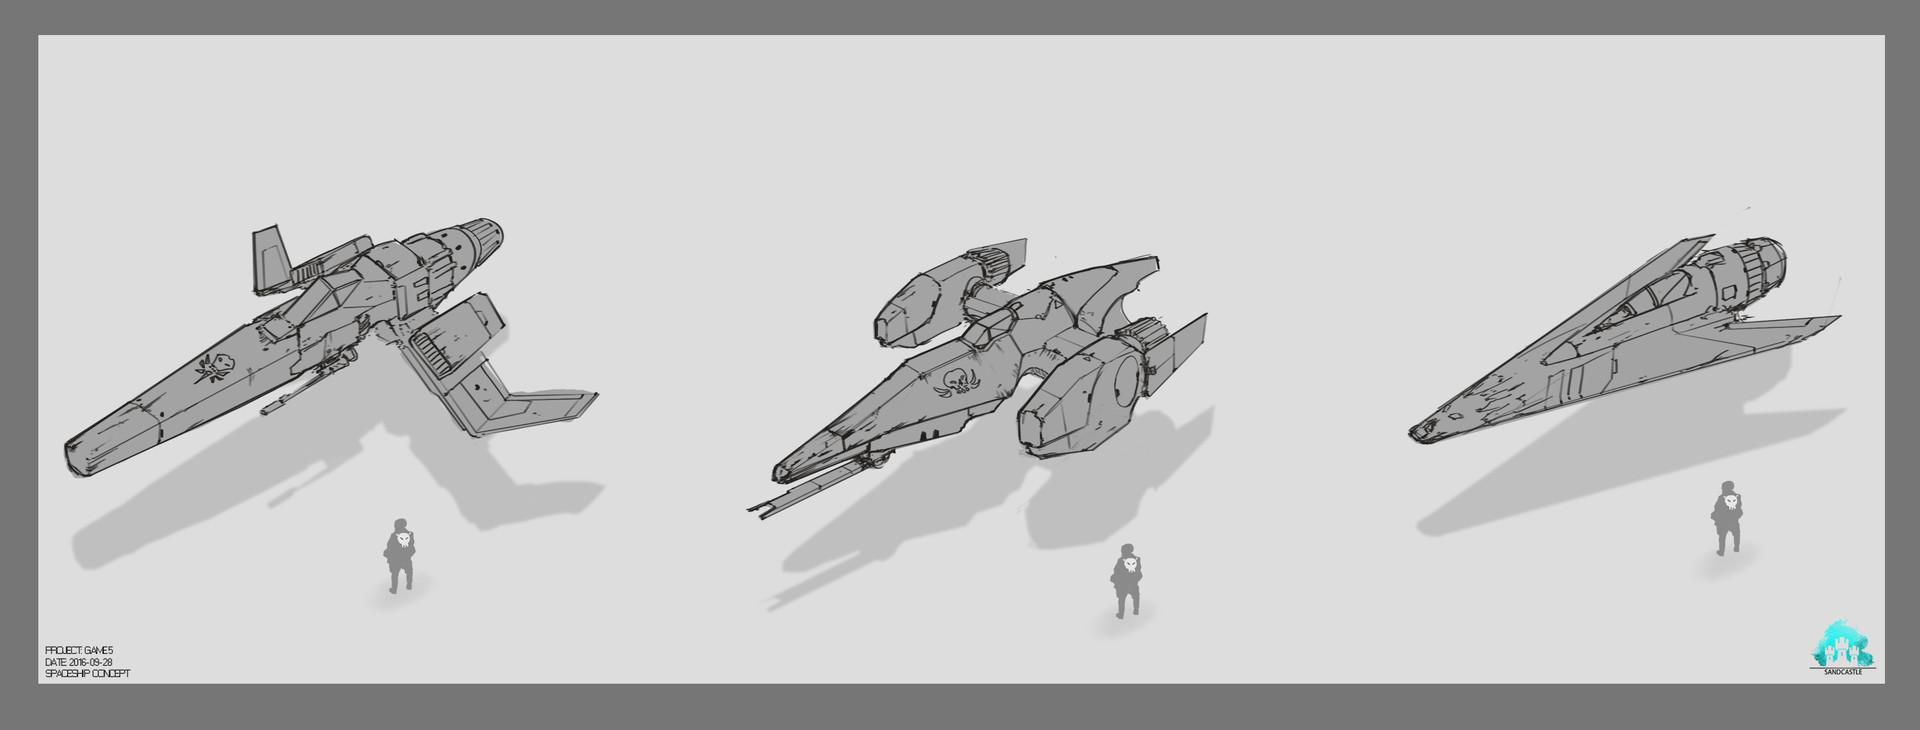 Robin tran spaceshooter spaceship01